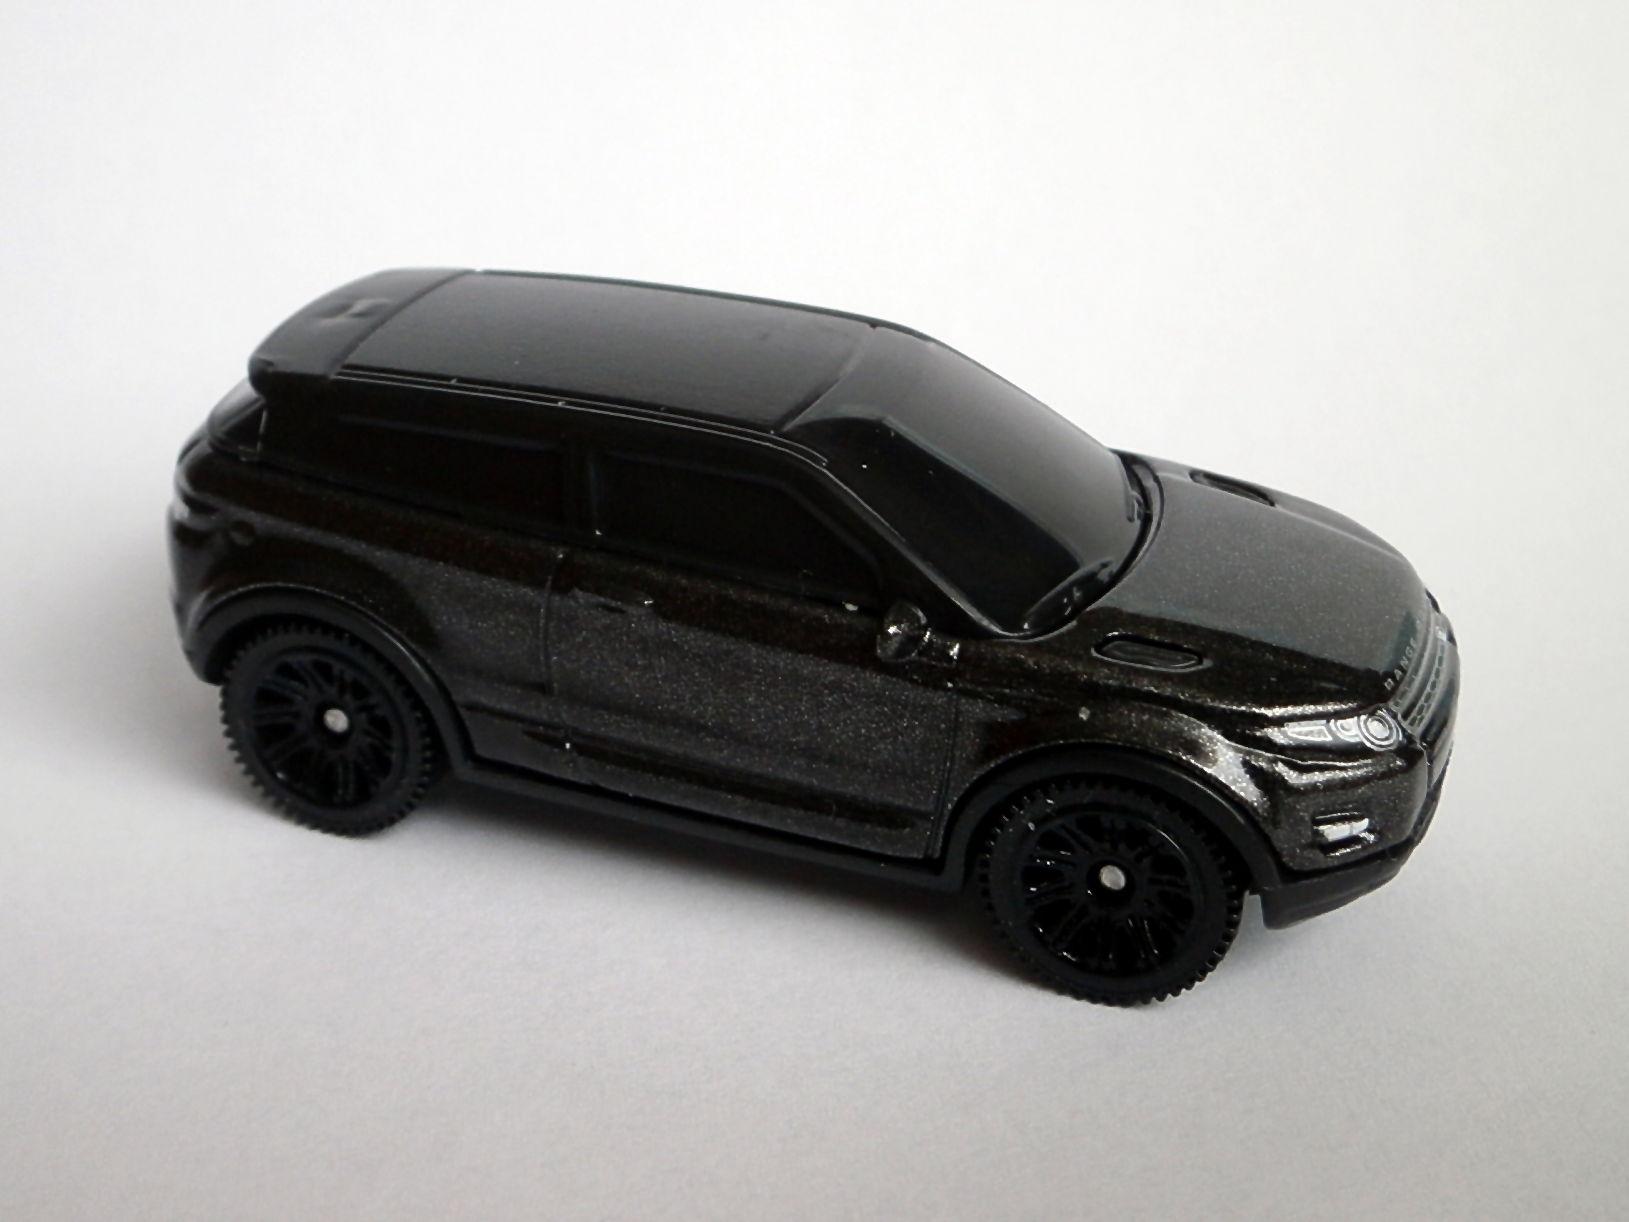 Image Range Rover Evoque 2017